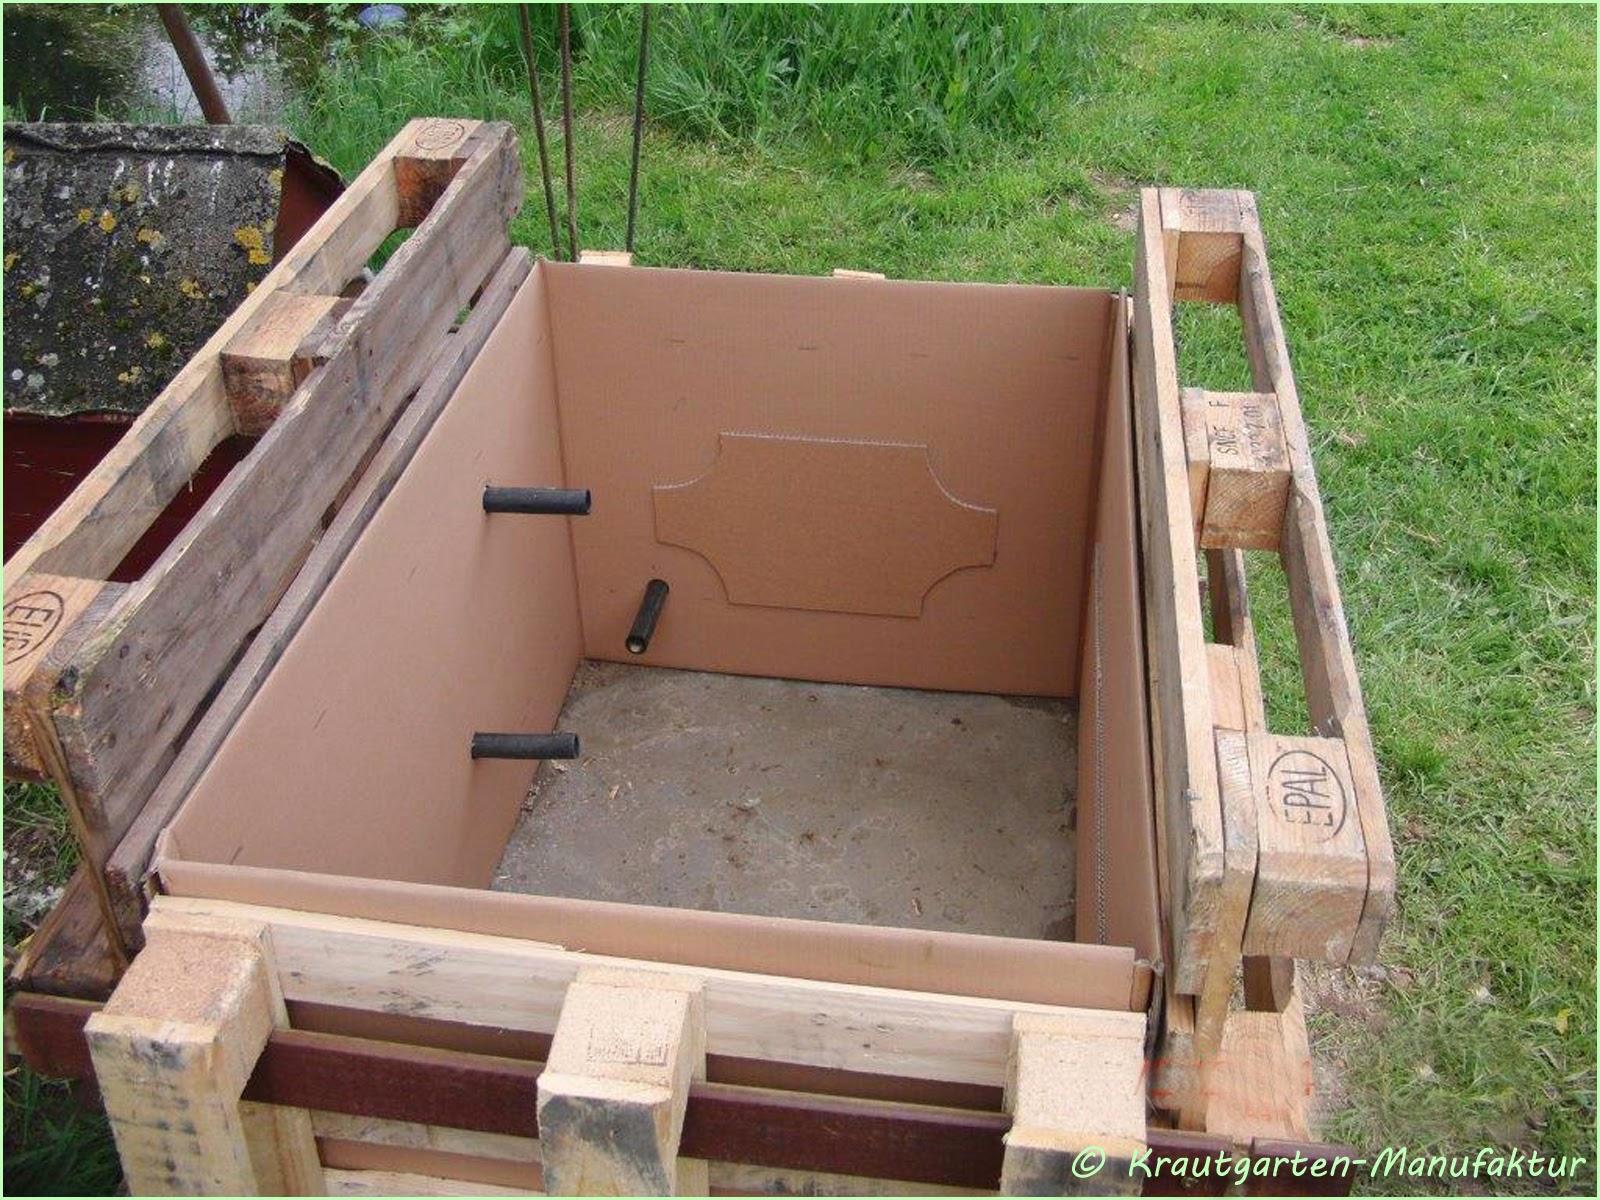 terrassenbrunnen selber bauen terrassenbrunnen selber bauen springbrunnen selber bauen kleine. Black Bedroom Furniture Sets. Home Design Ideas